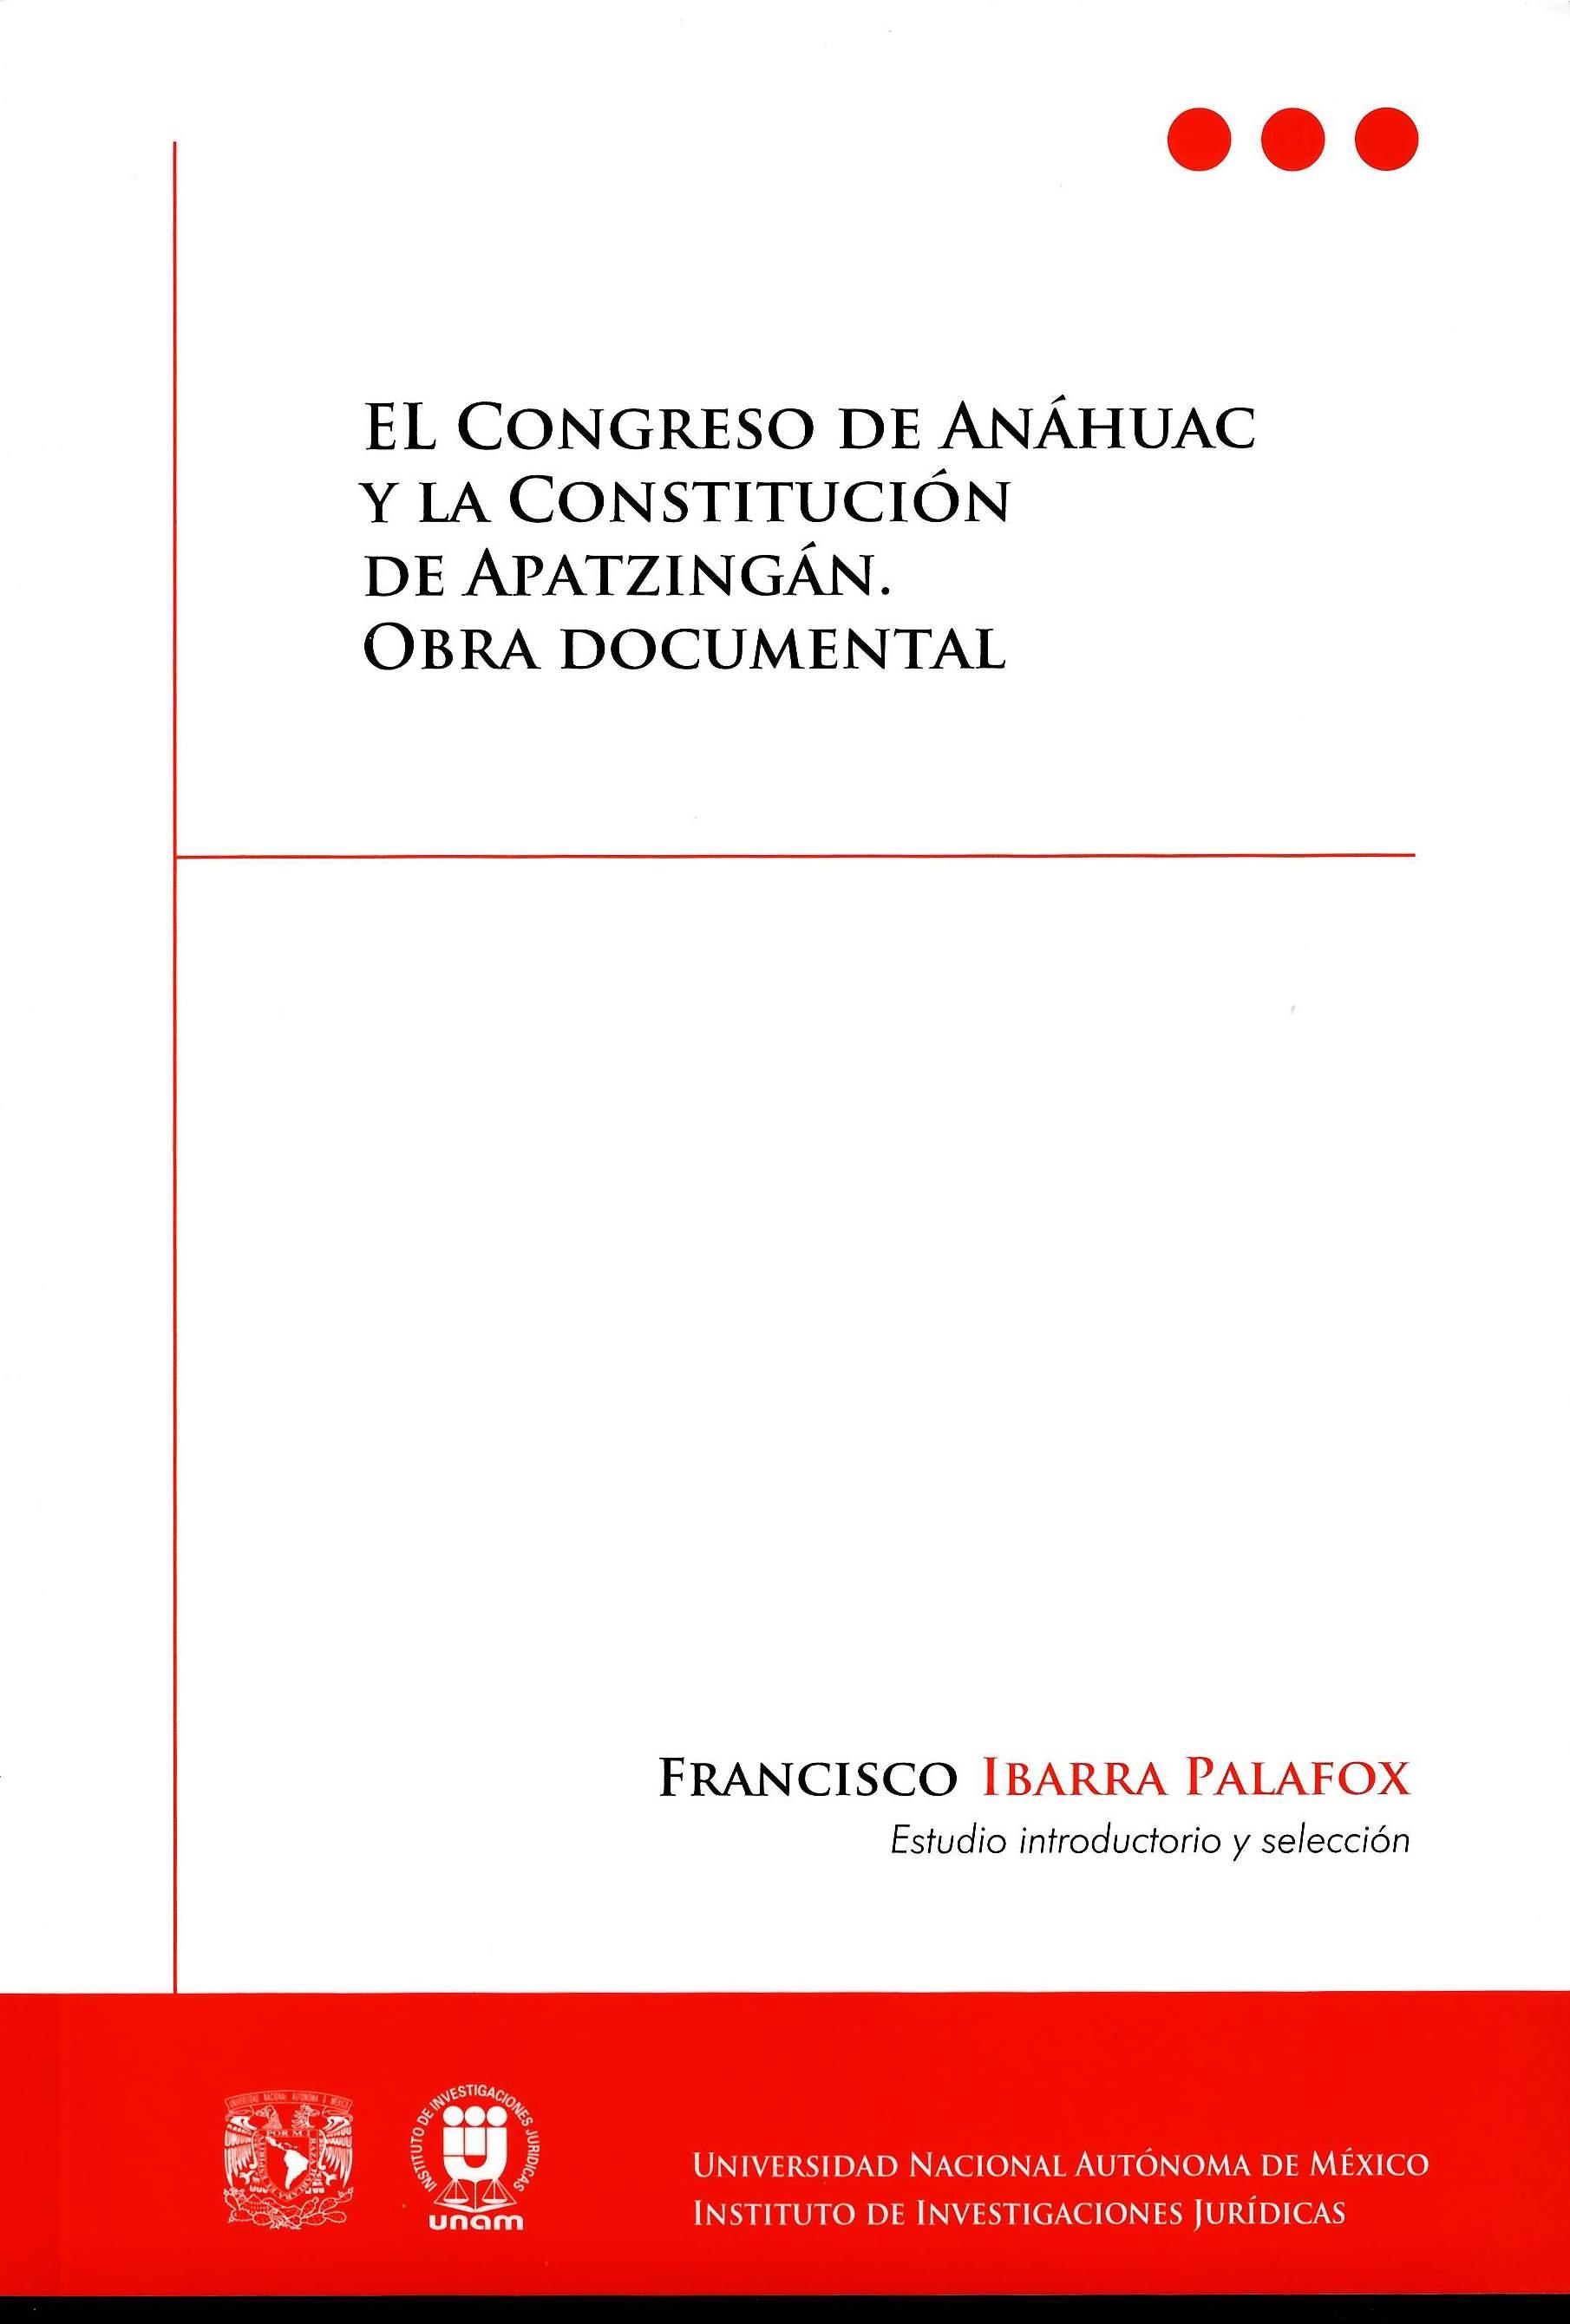 El Congreso de Anáhuac y la Constitución de Apatzingán. Obra documental